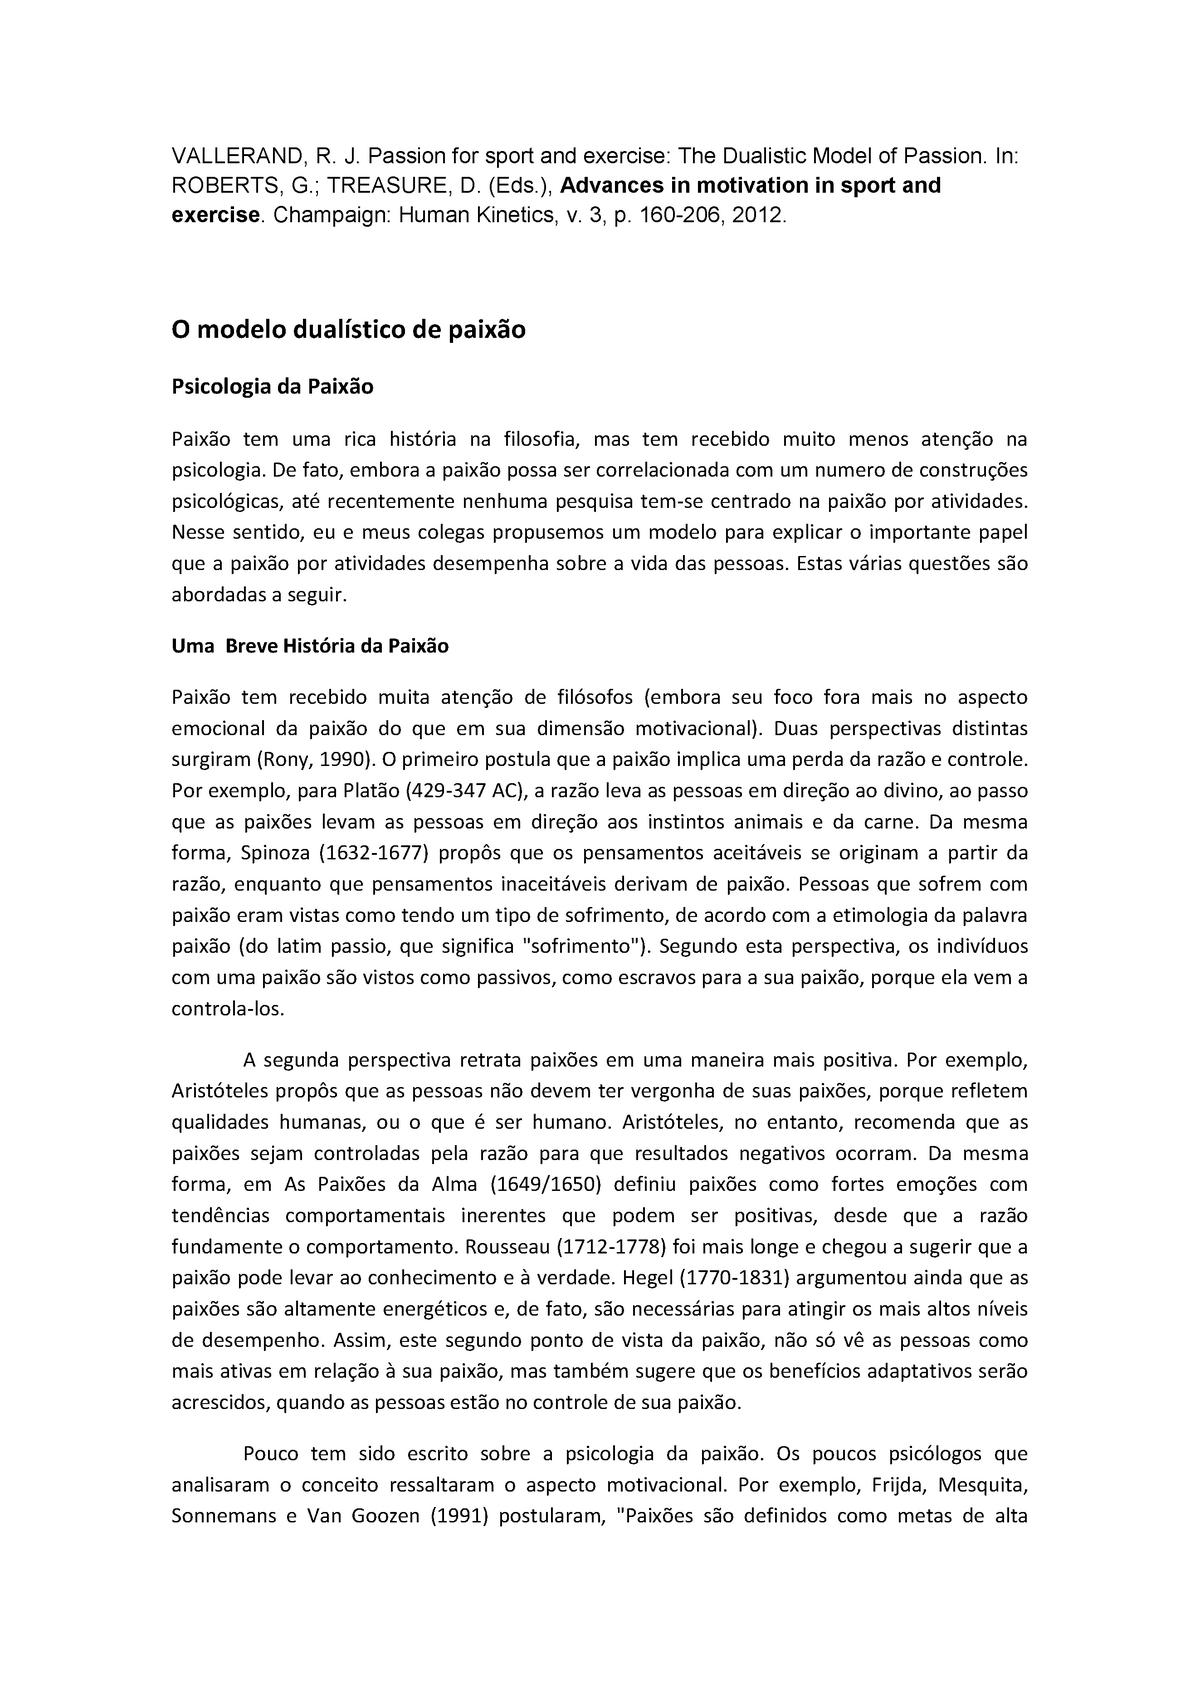 O Modelo Dualístico De Paixão Pm32o Utfpr Studocu